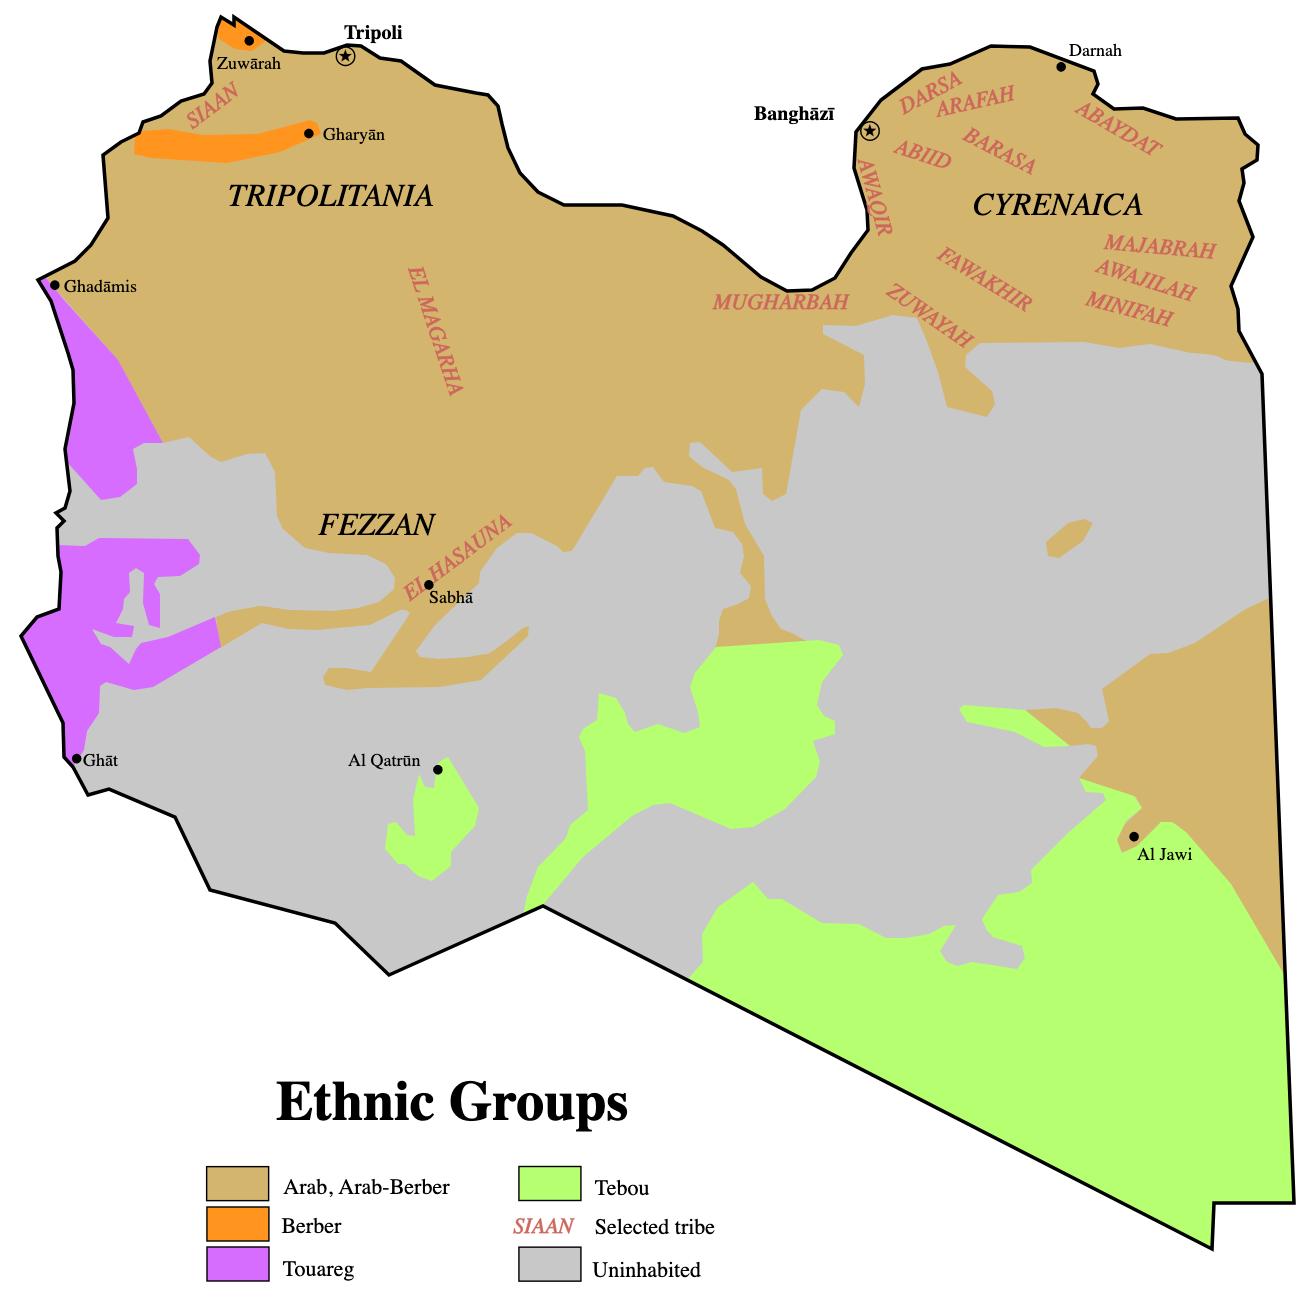 Distribución geográfica de etnias en Libia [Wikipedia]